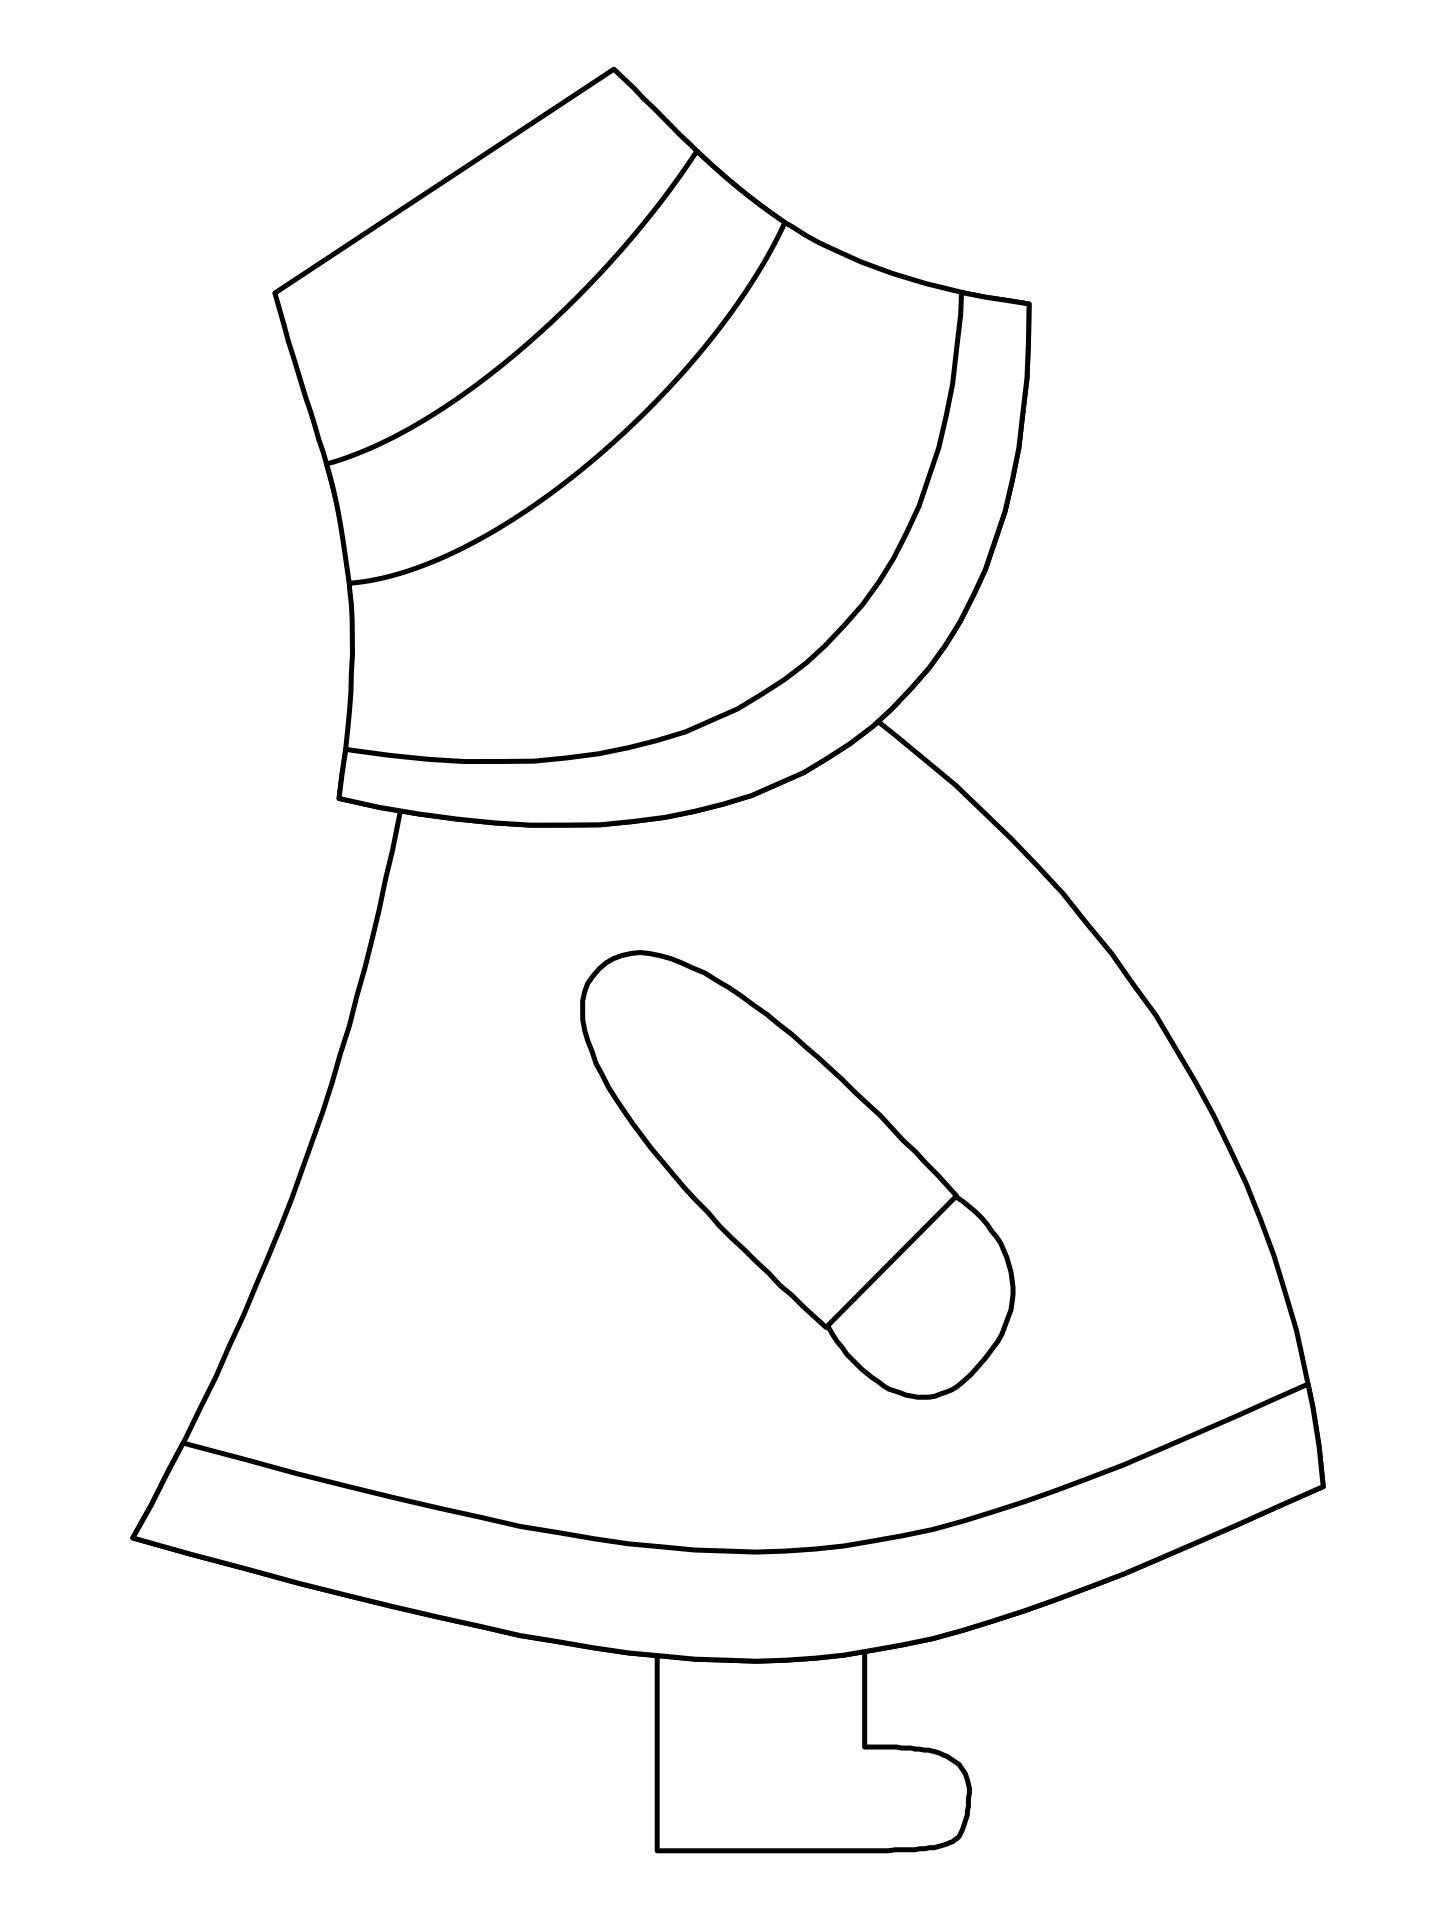 7 Images of Crochet Sunbonnet Sue Printable Pattern